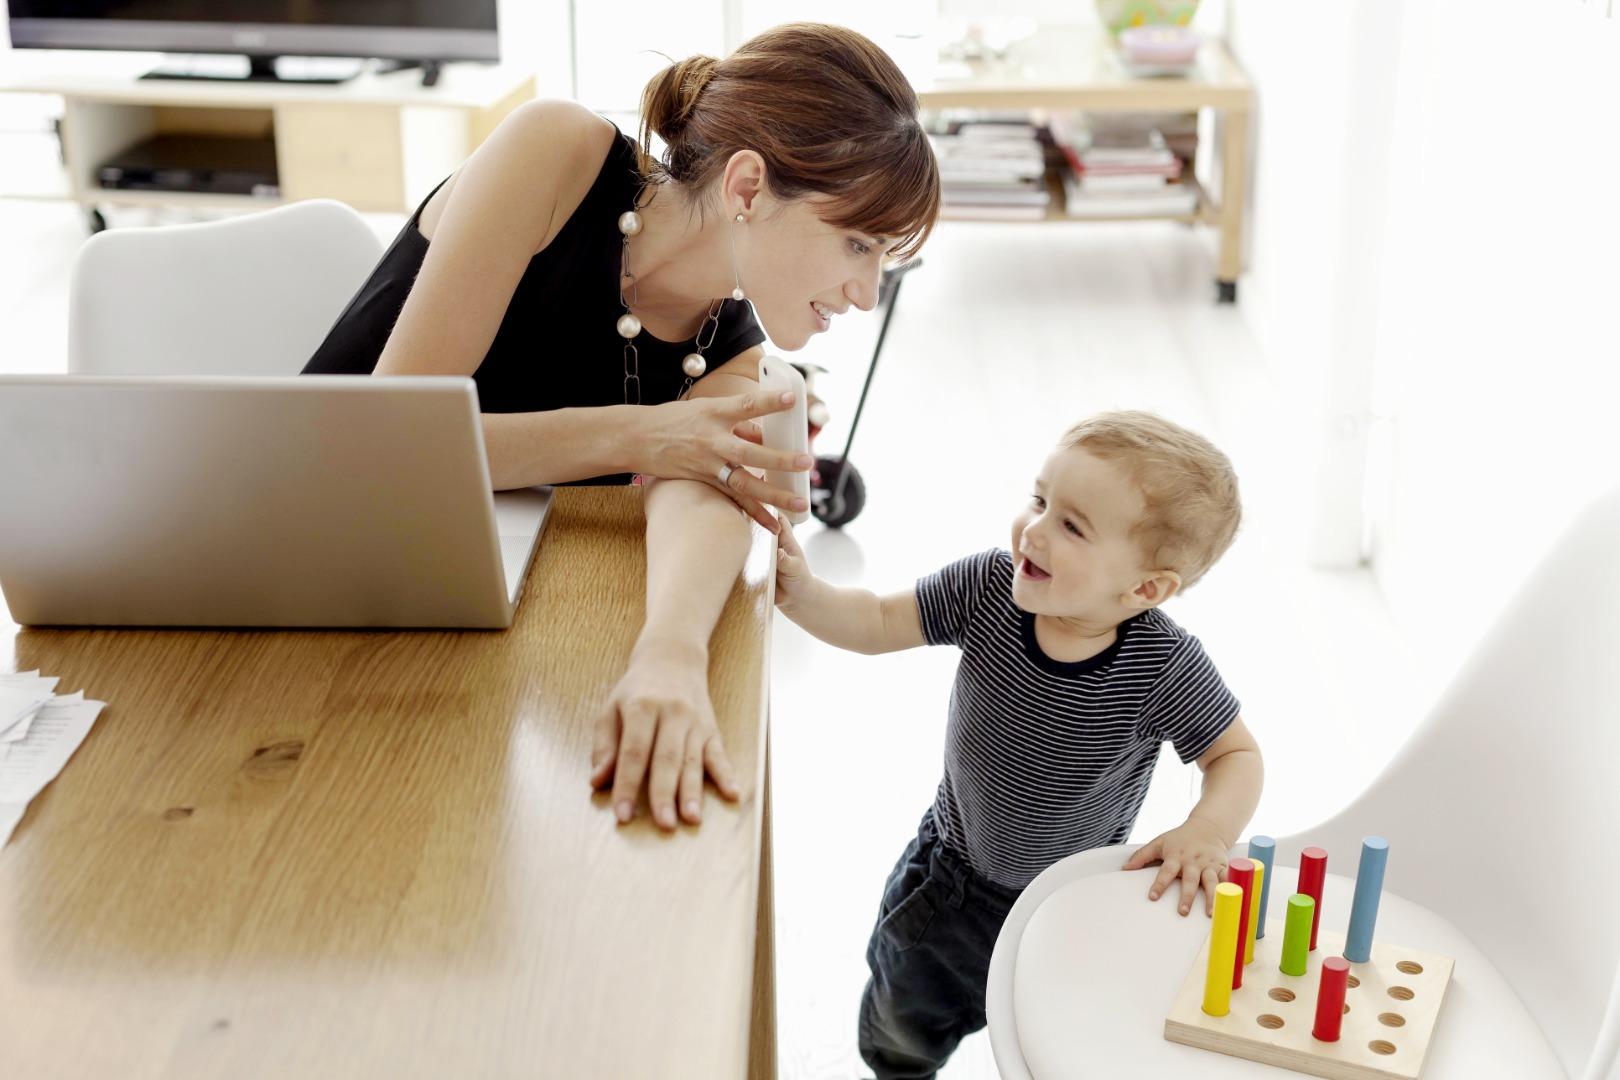 «Рабочая» мама: как справиться с чувством вины